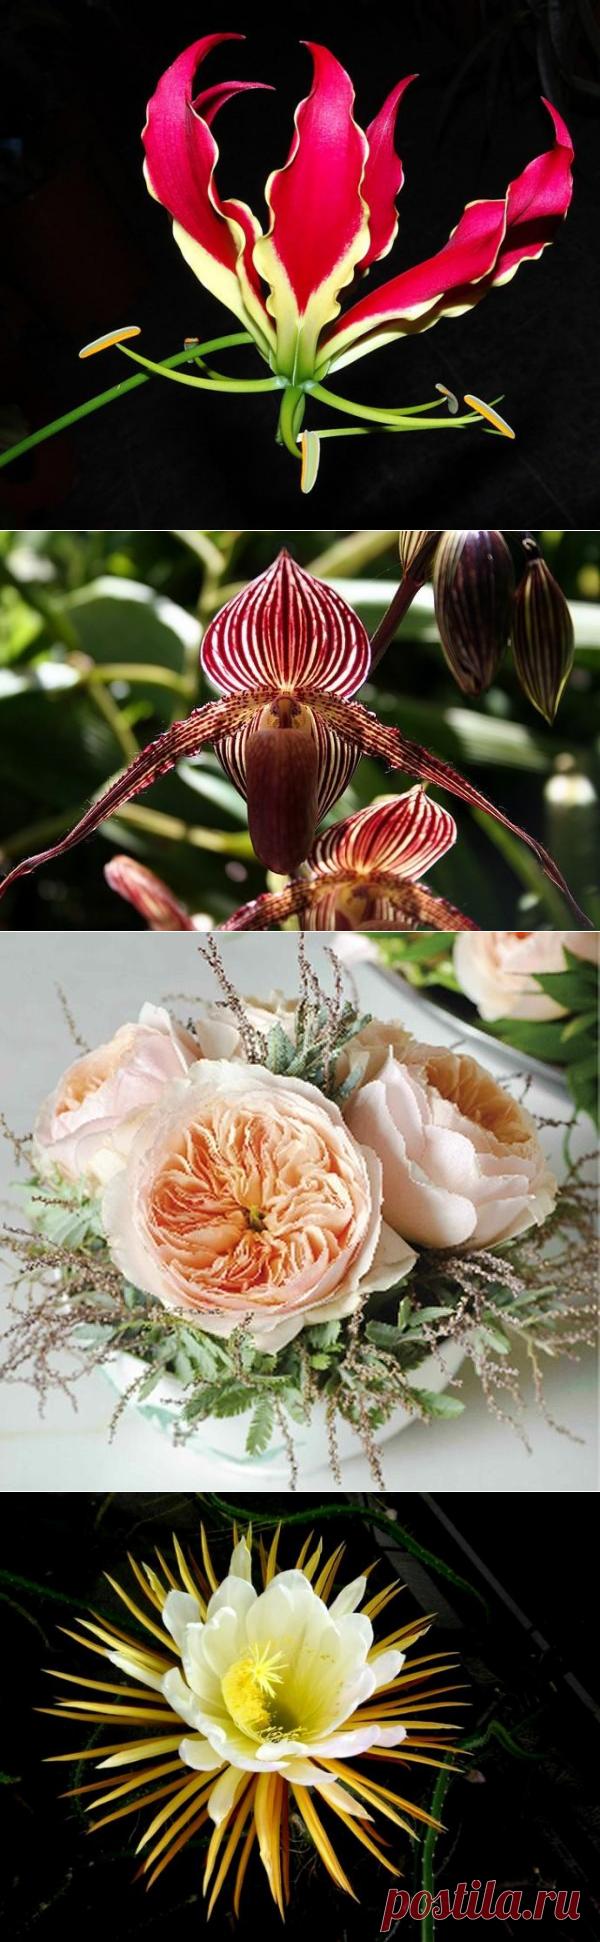 Самые дорогие цветы в мире - Colors.life